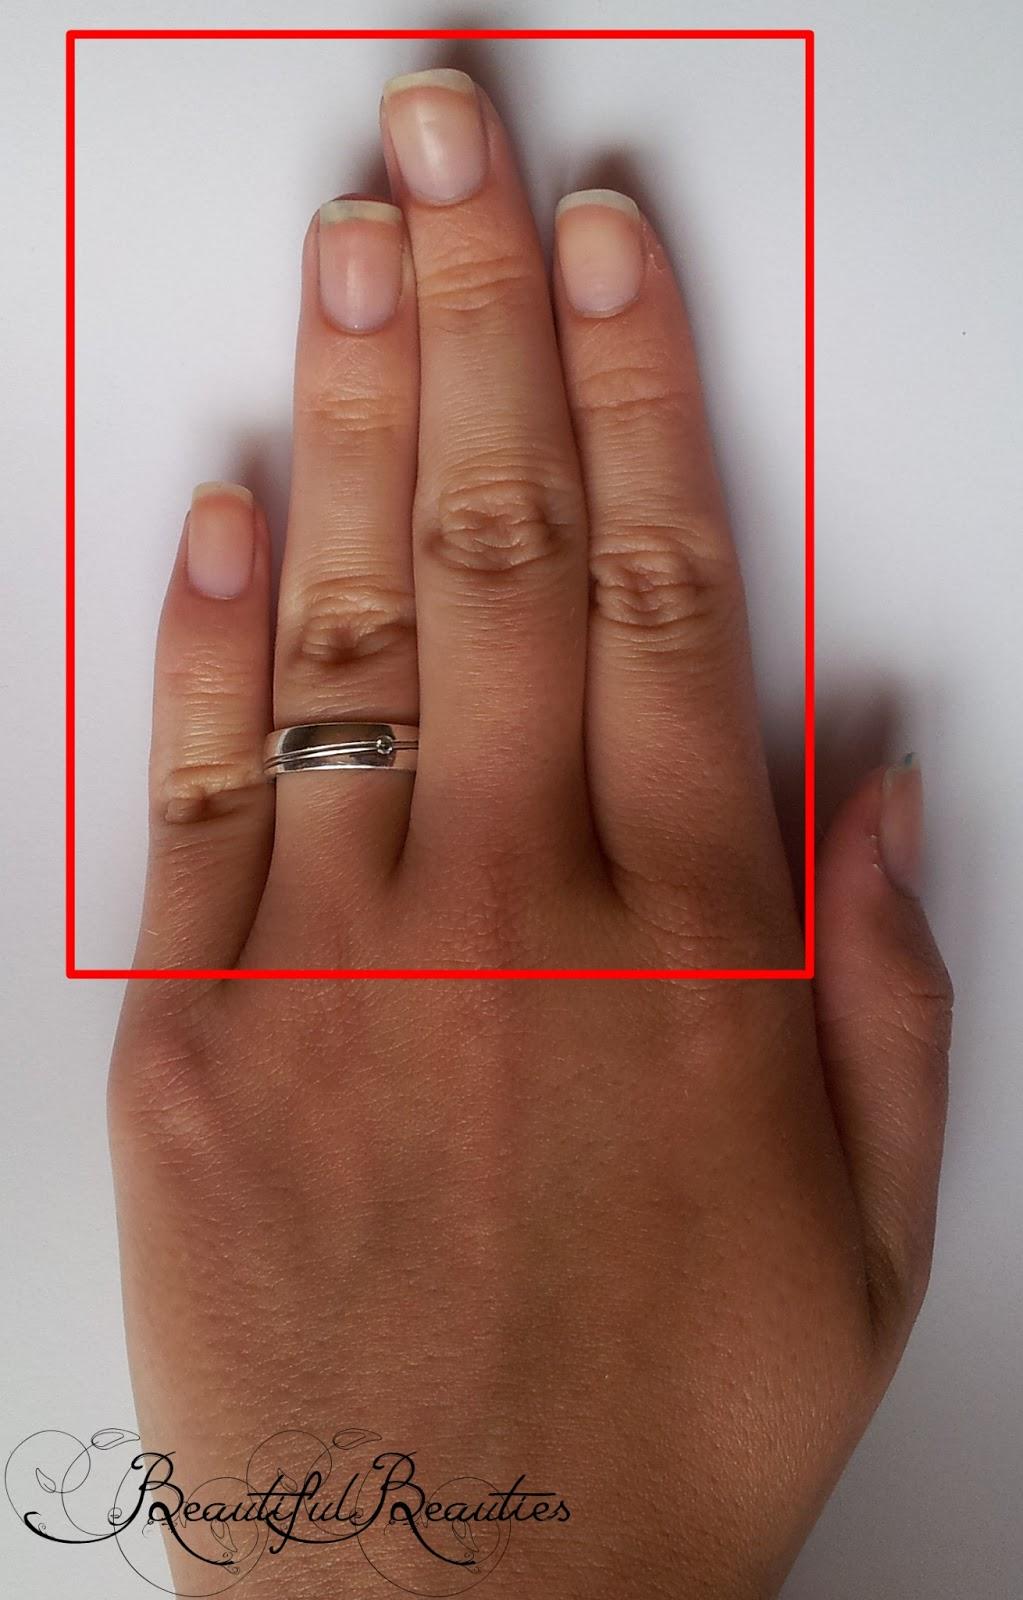 beautiful beauties: [Anleitung] Maniküre für gepflegte Hände